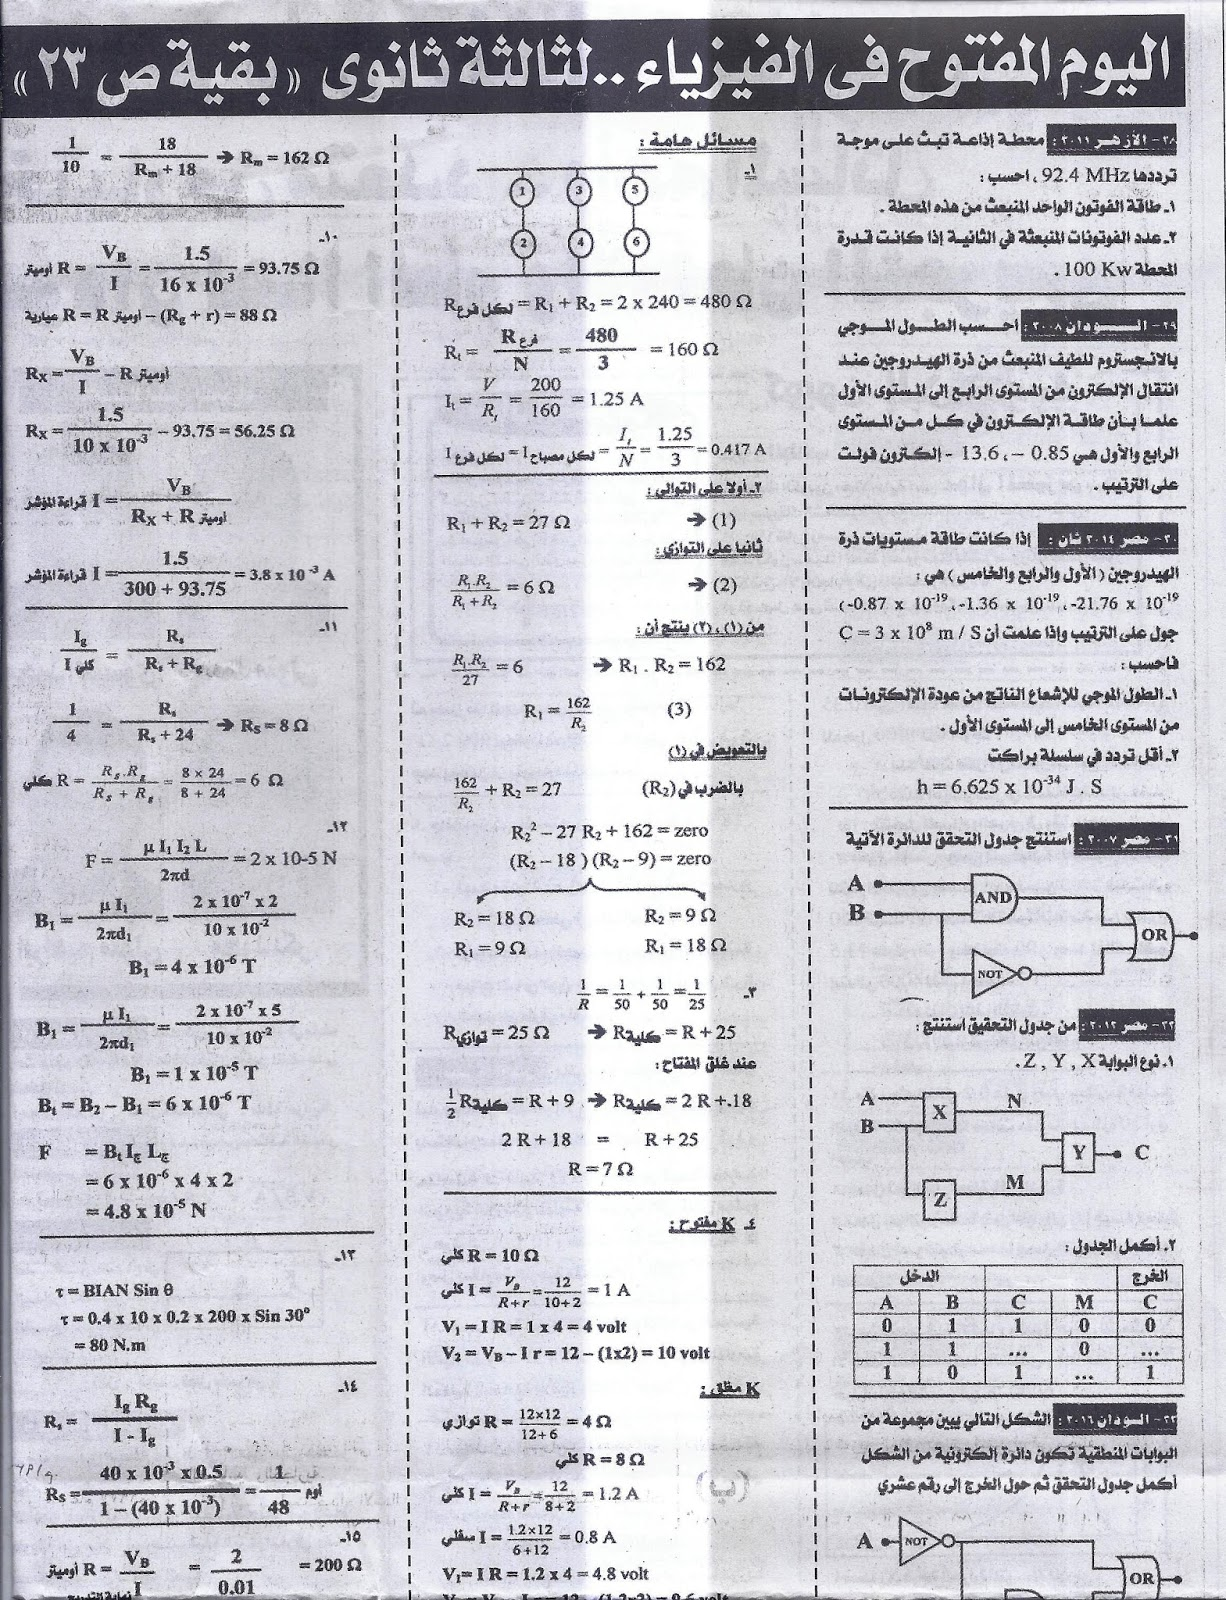 اهم مسائل الفيزياء + اهم أسئلة الاختيار من متعدد للثانوية العامة 2016 .. ملحق الجمهورية التعليمى 10